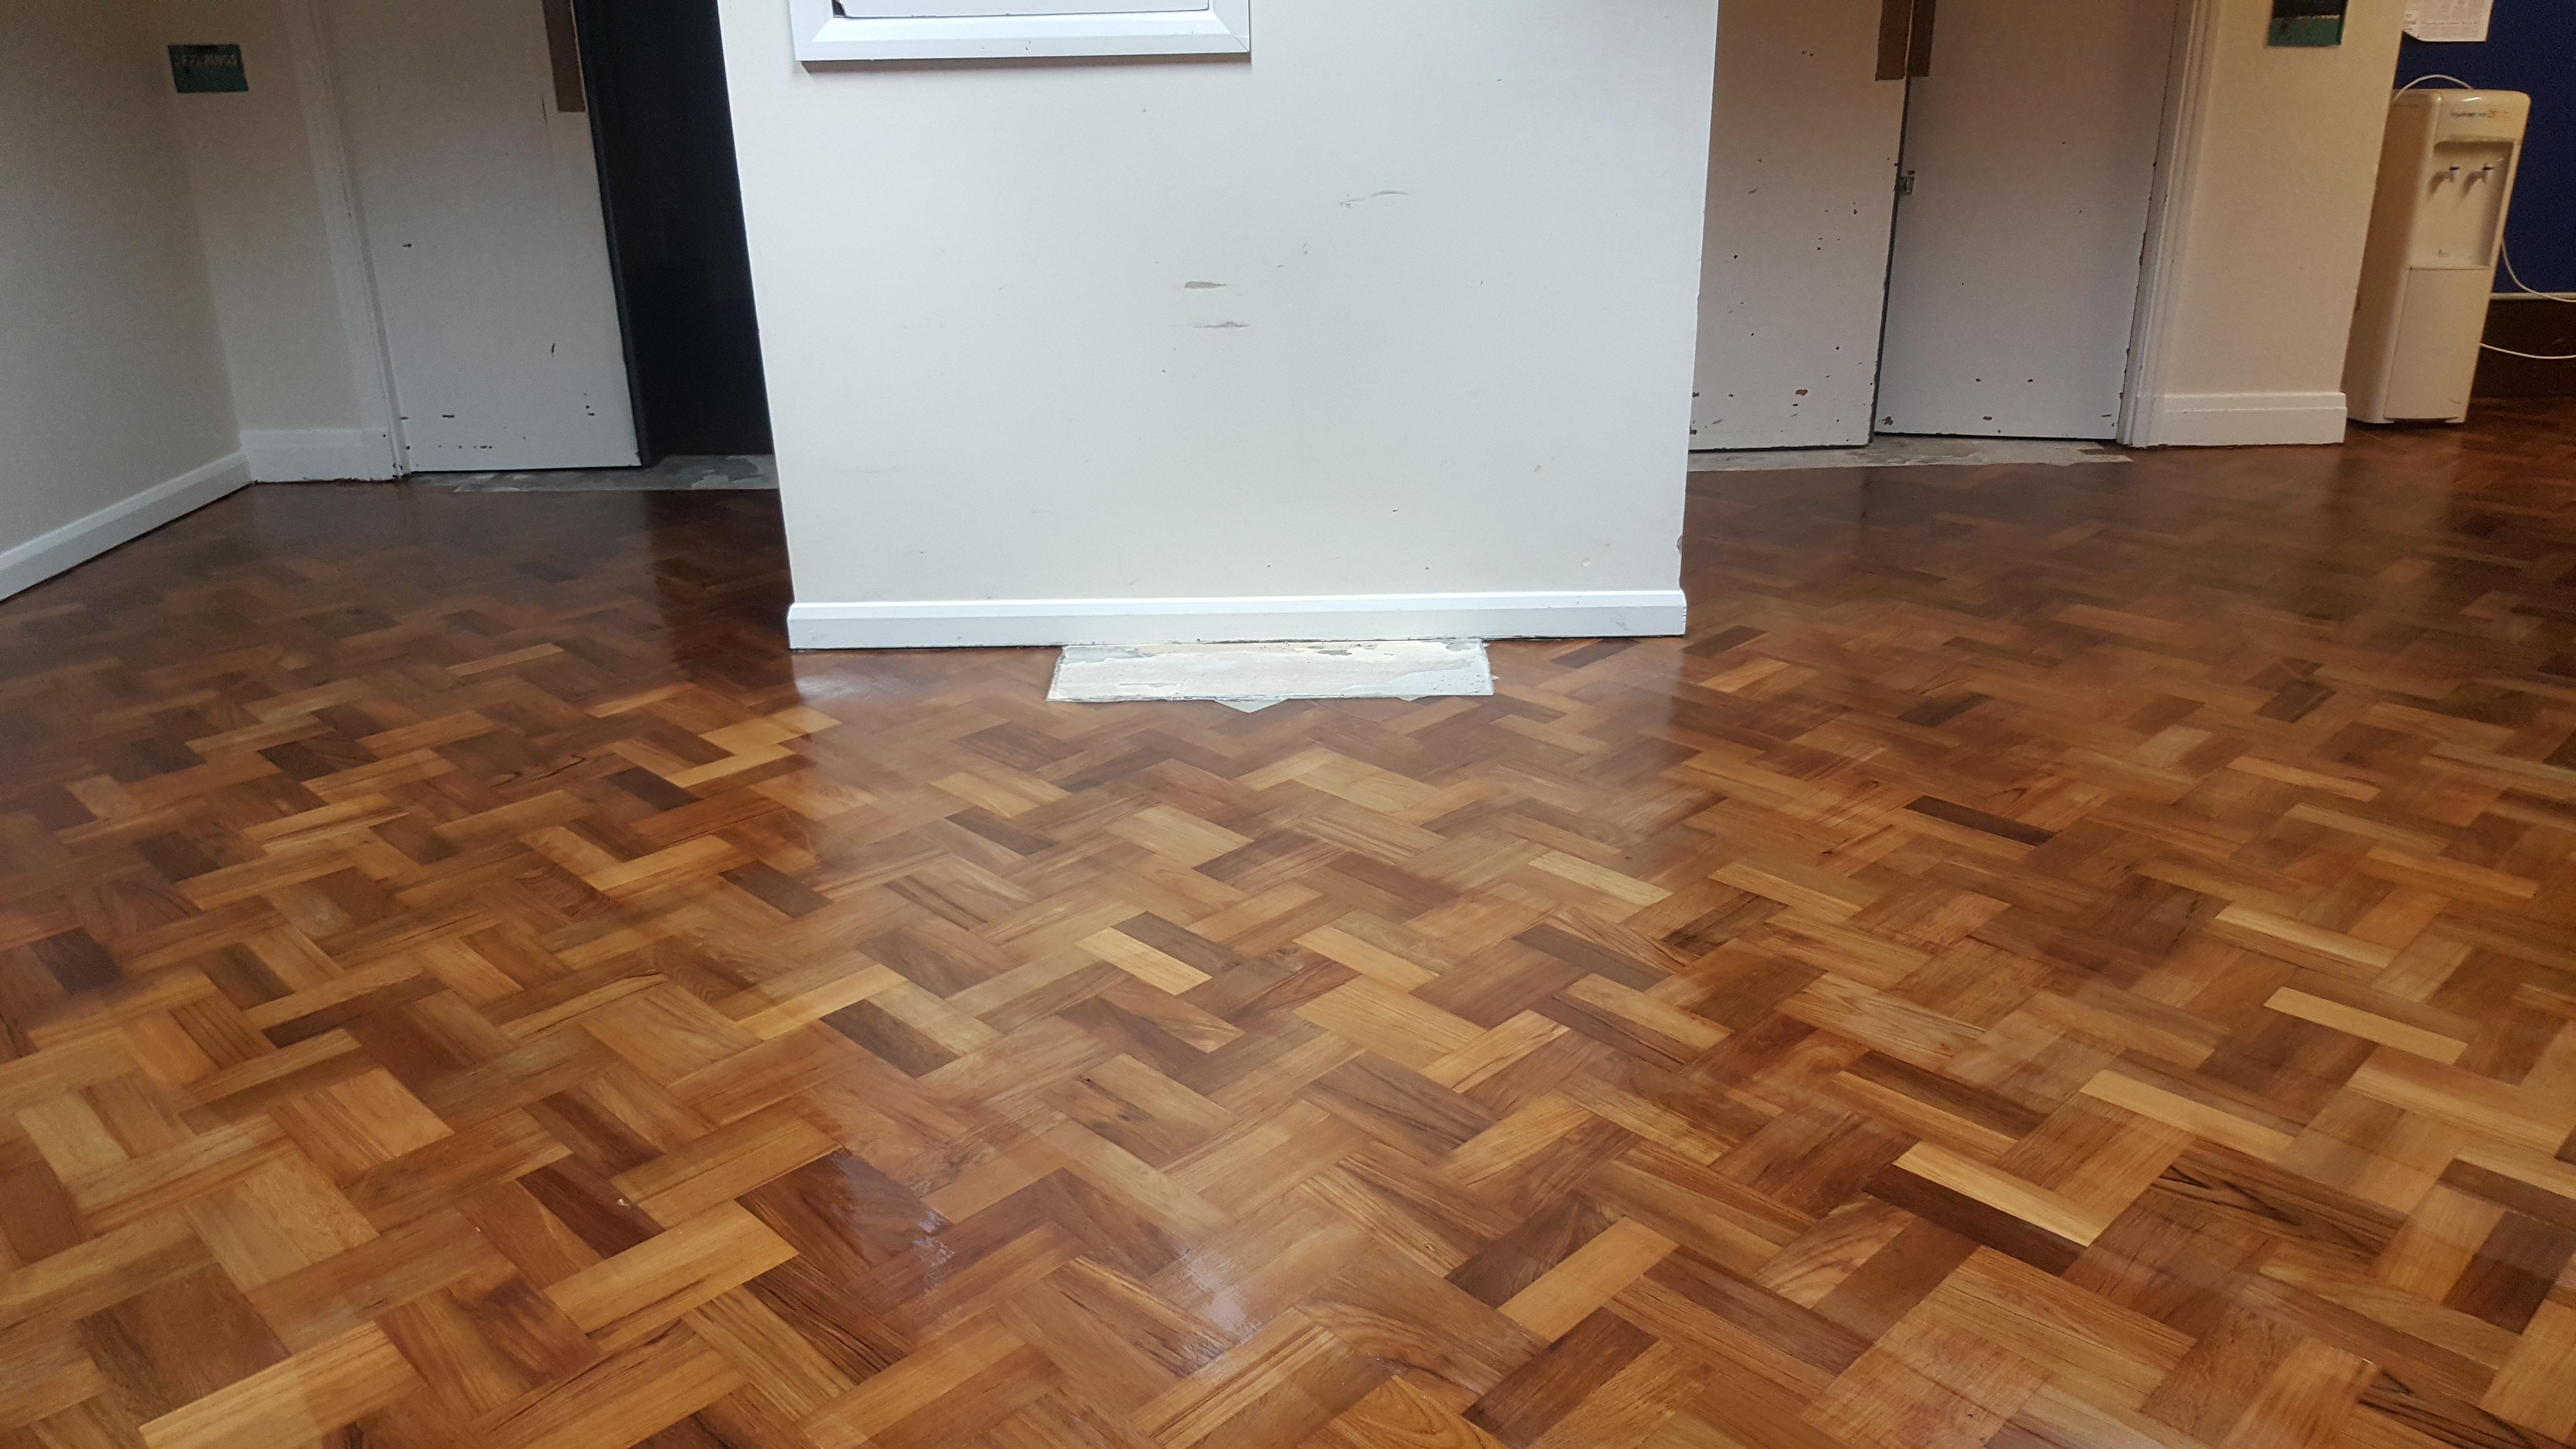 Parquet Floor After